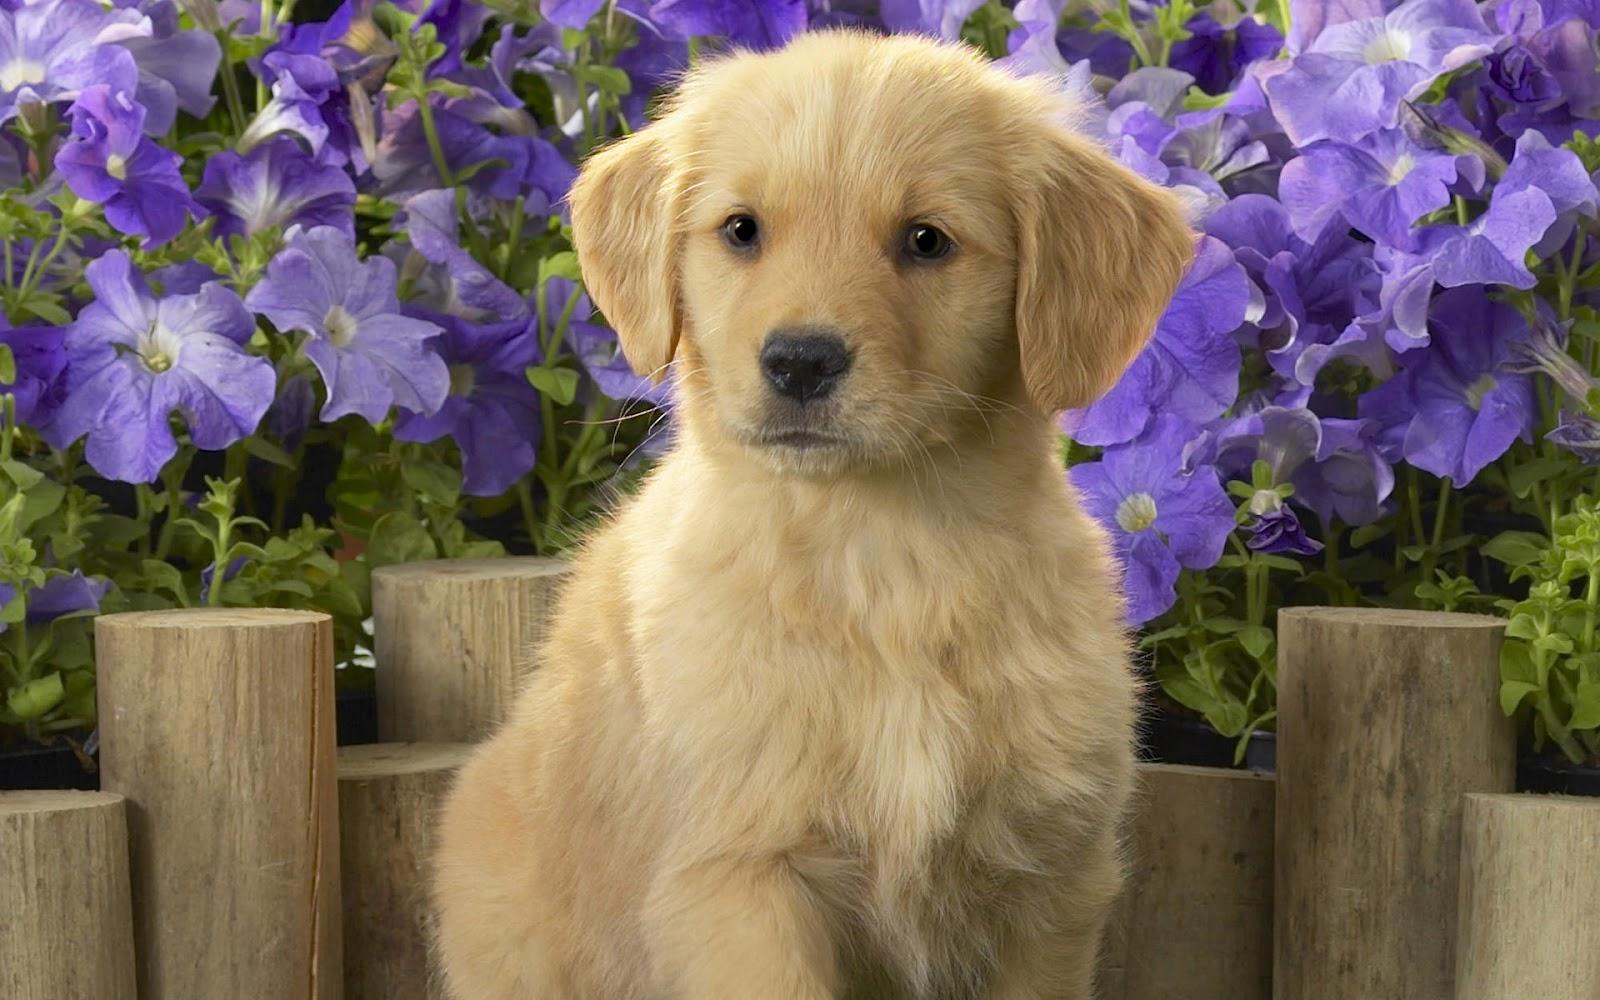 Genoeg 40 prachtige honden foto's - Achtergronden #VV95